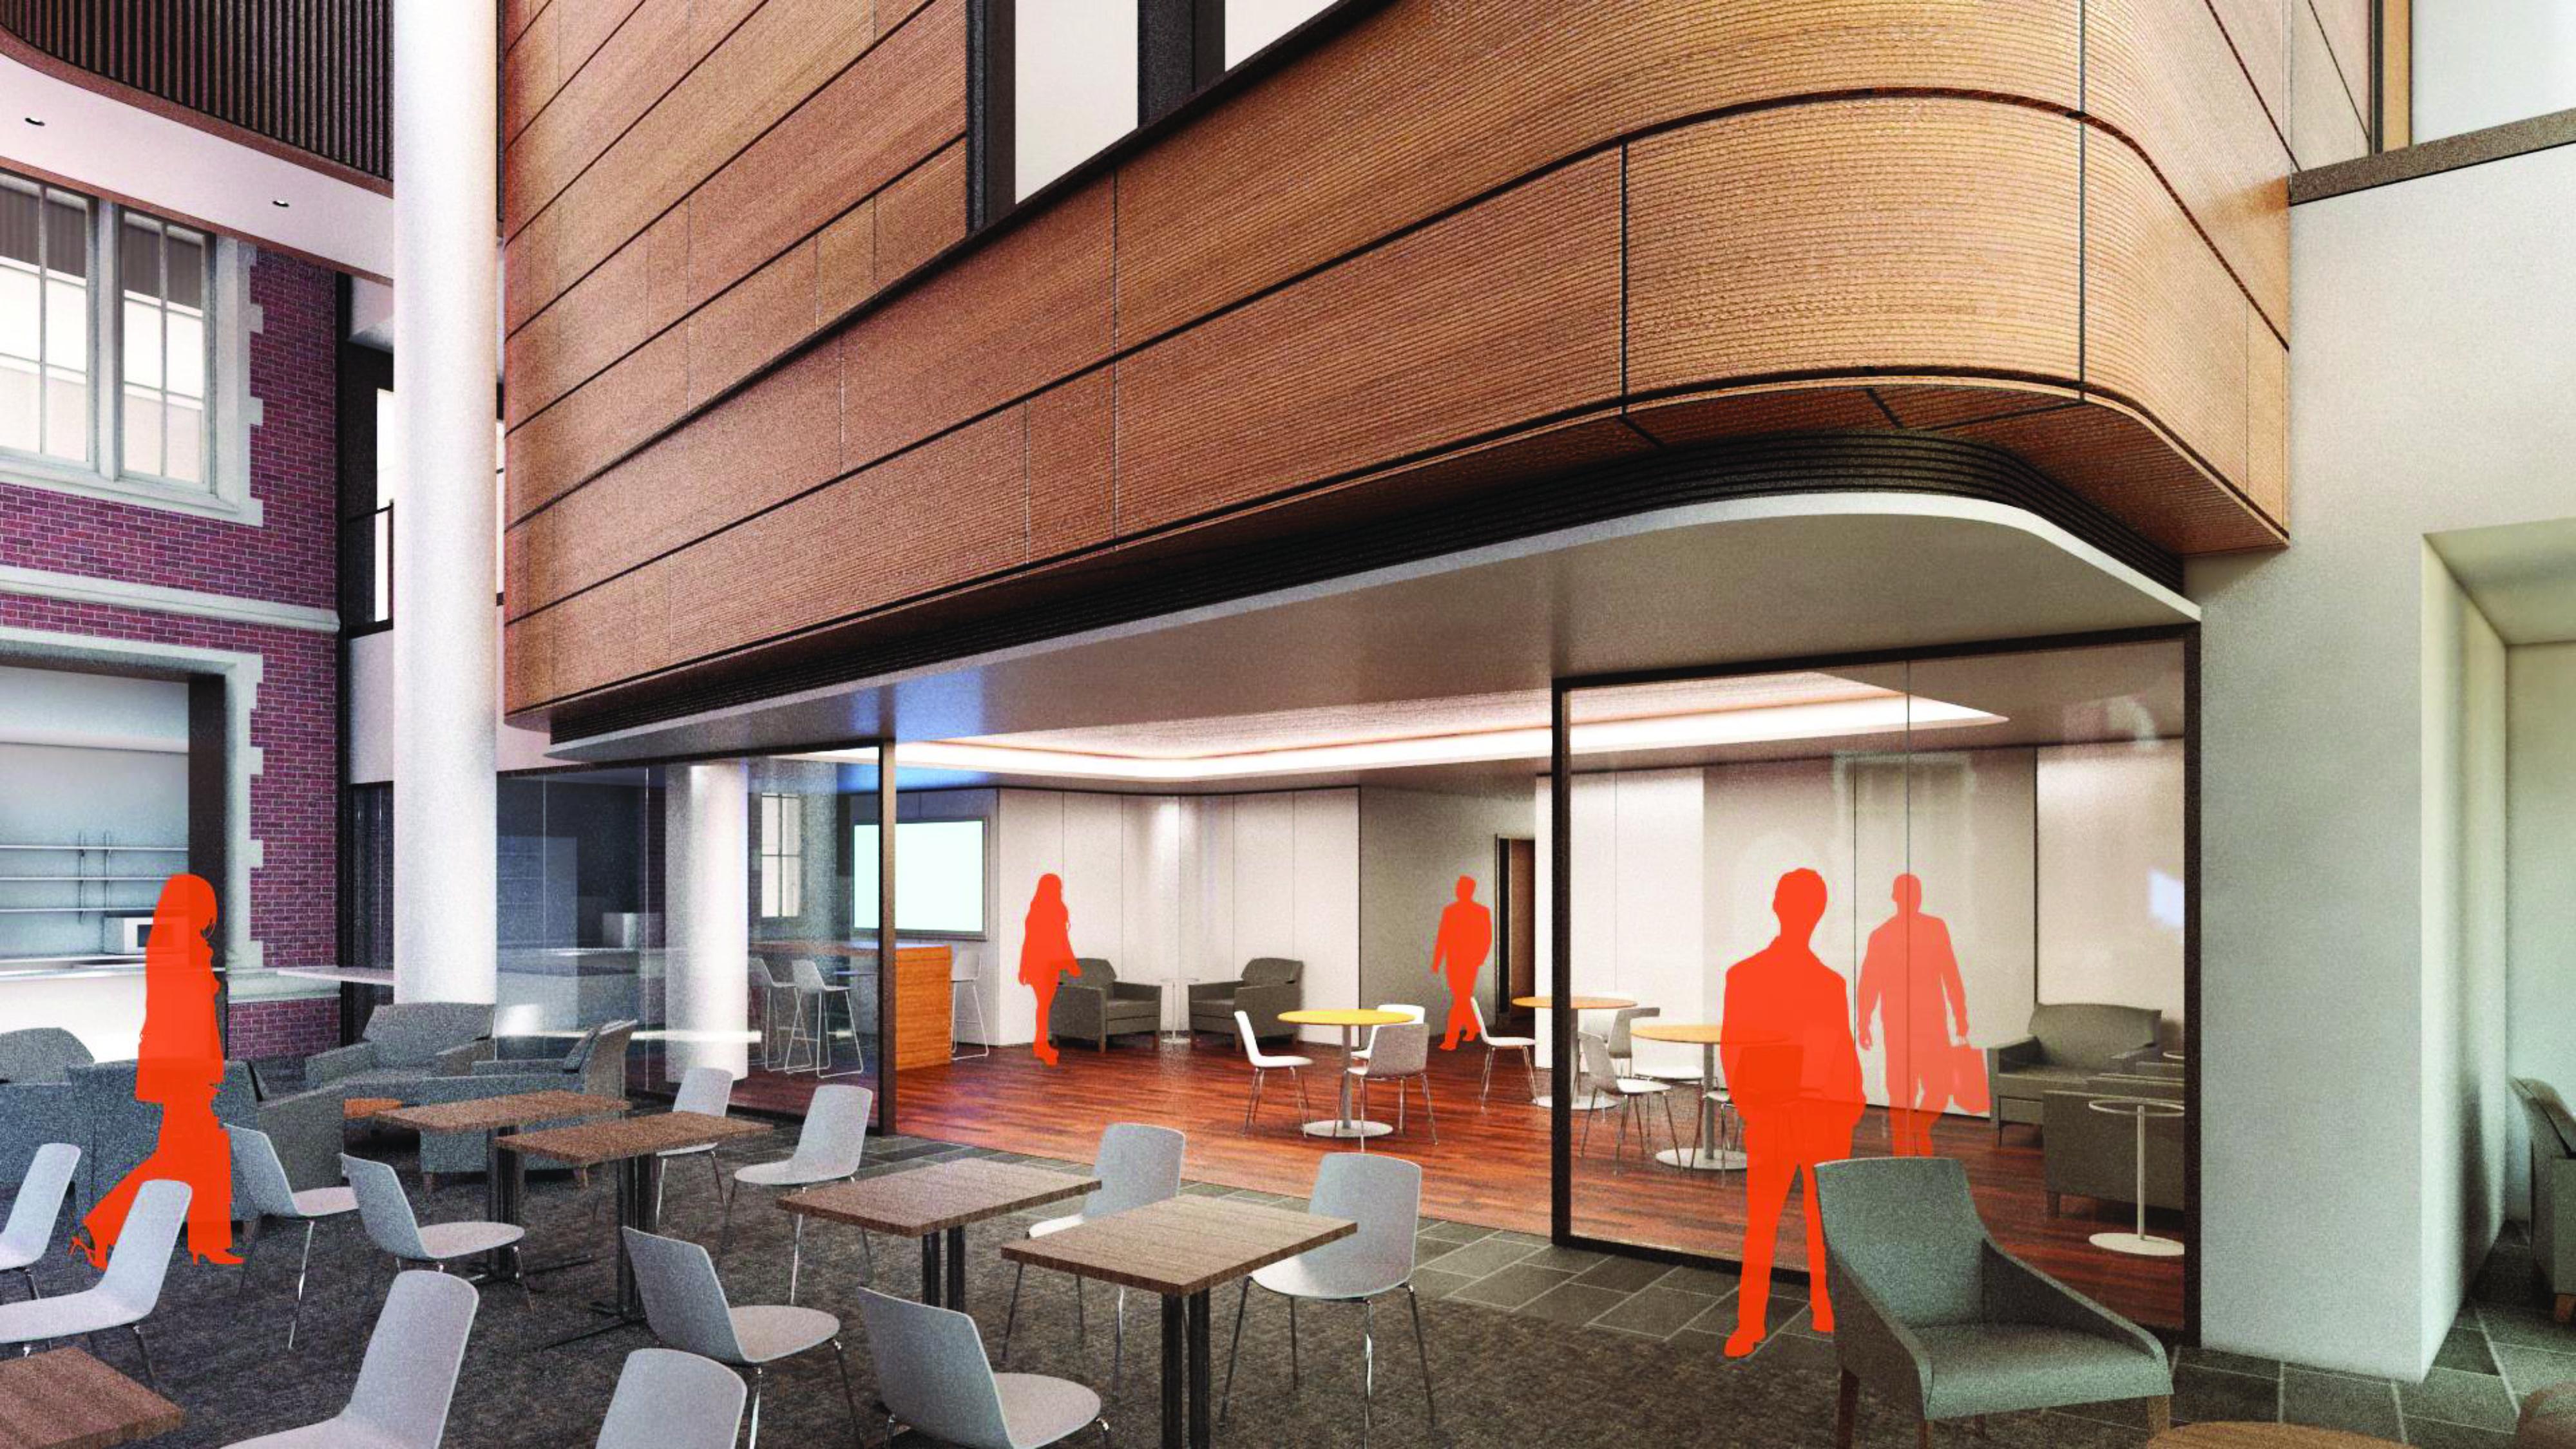 Concept rendering of seating in HSSC main atrium